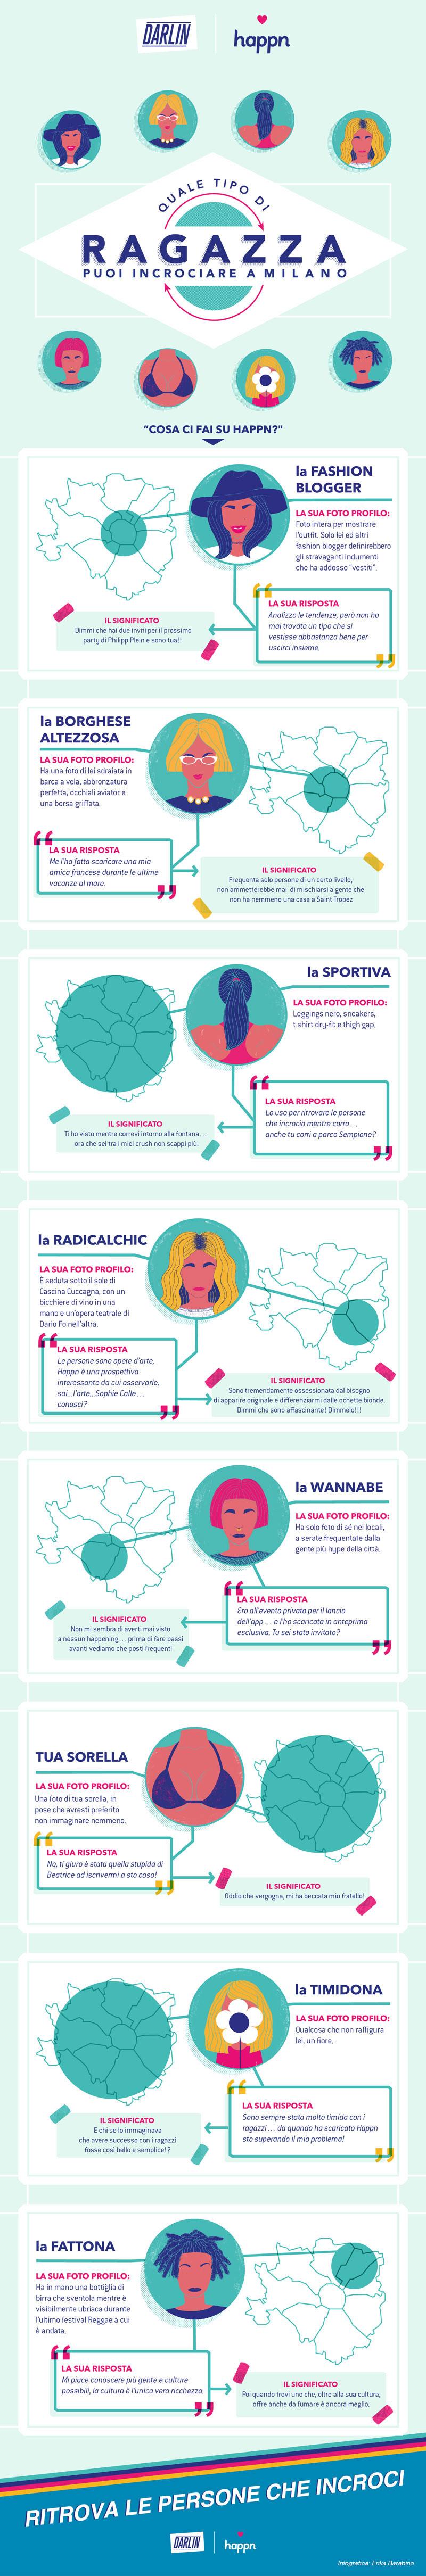 darlin_infografica-tipi-ragazze-milano-happn2